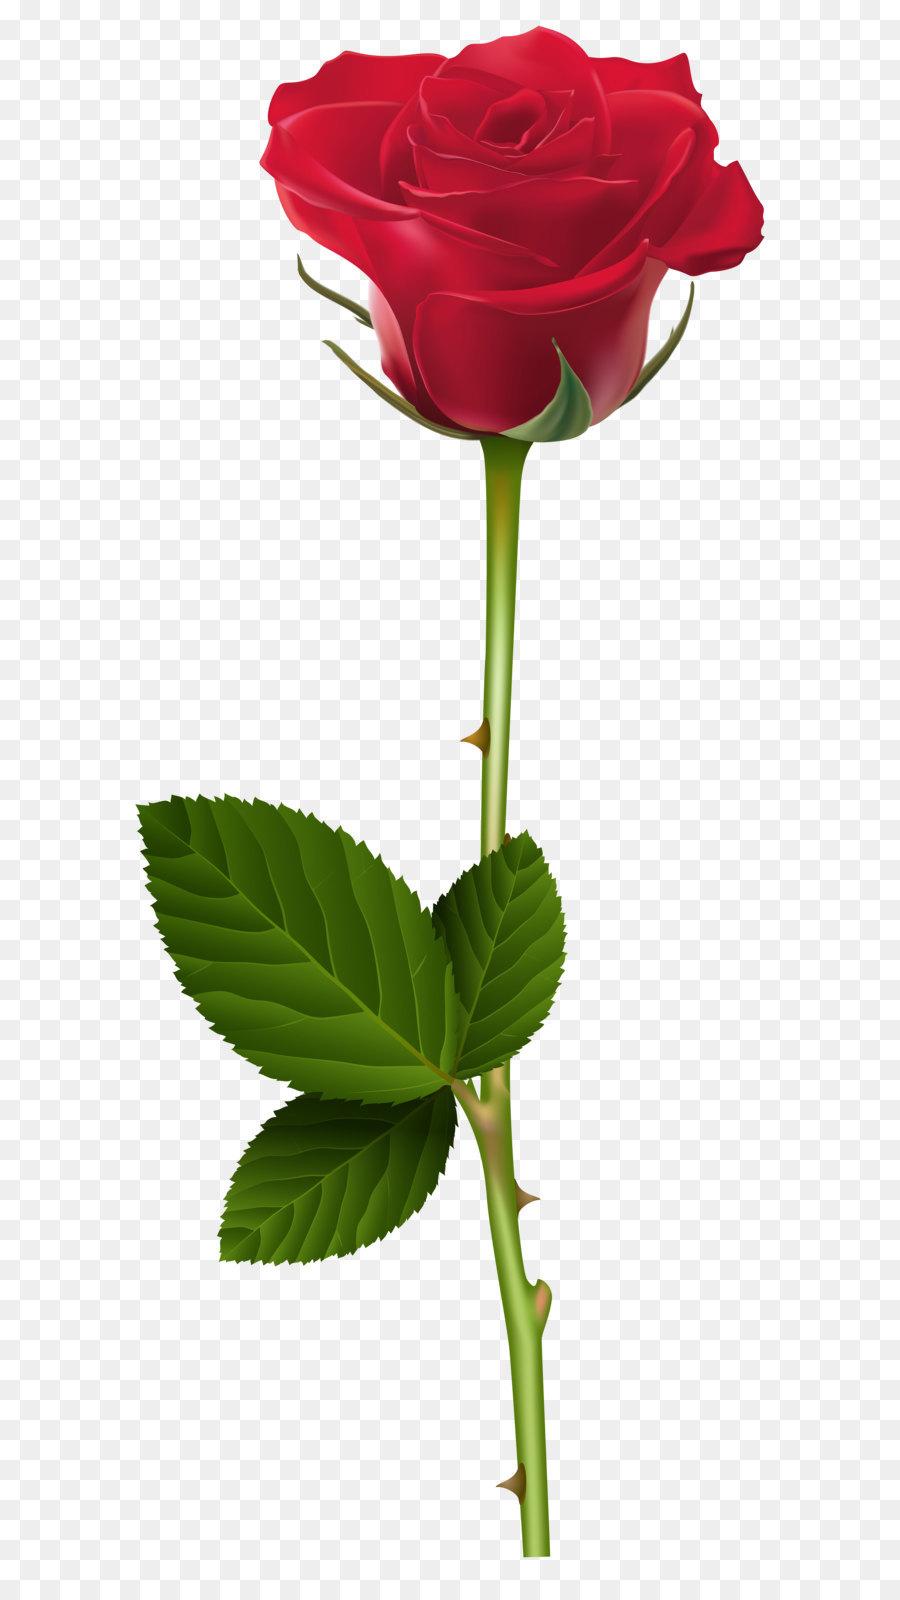 Rose Clip Art Red Rose Png Transparent Clip Art Image